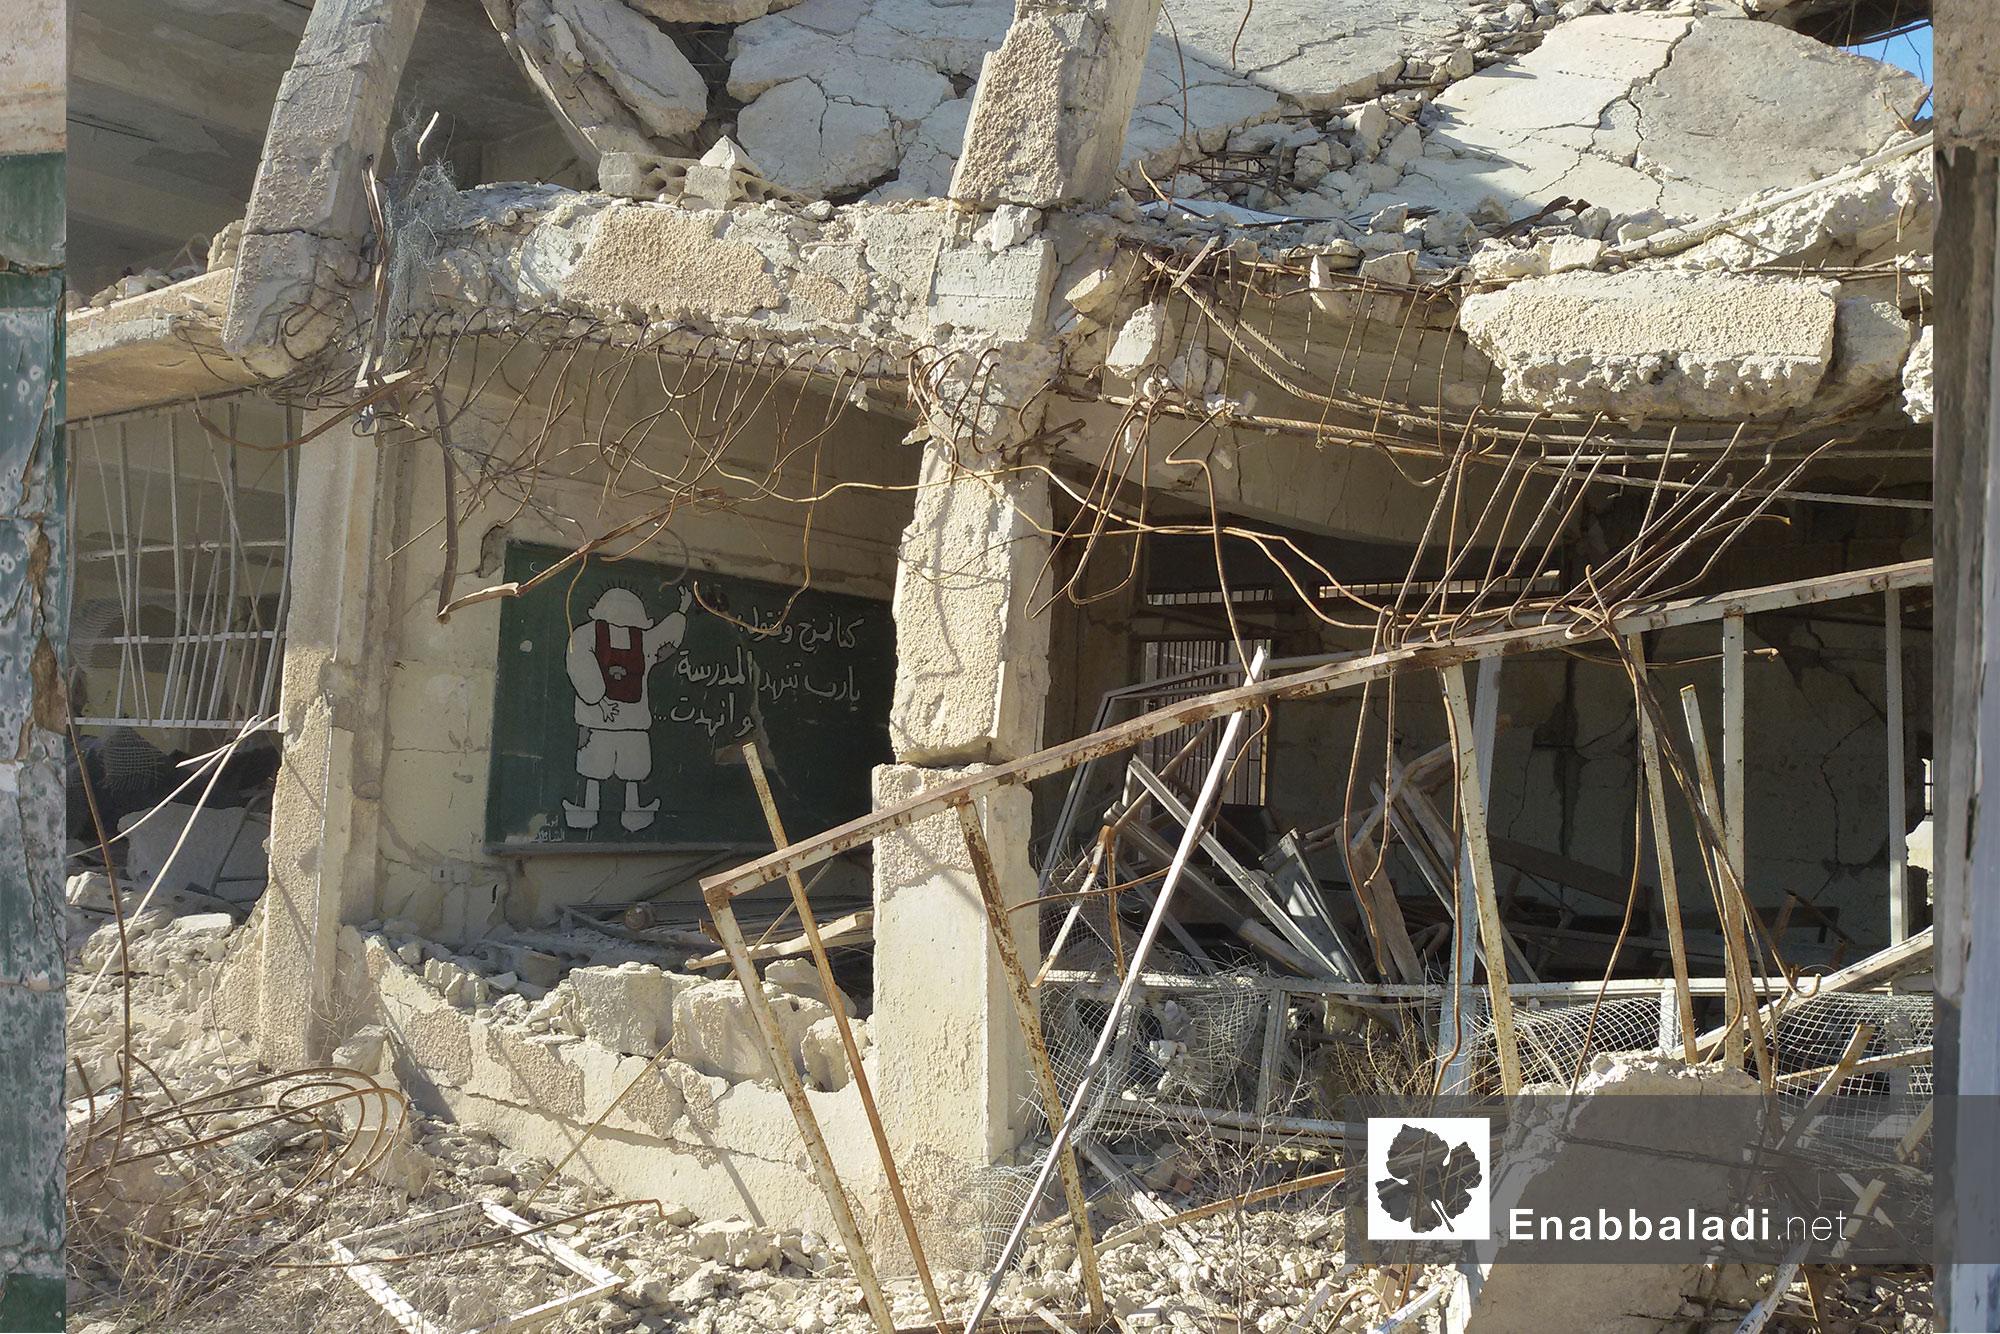 مدرسة مهدمة بالقصف على داريا - 30 آذار 2016 - (عنب بلدي)